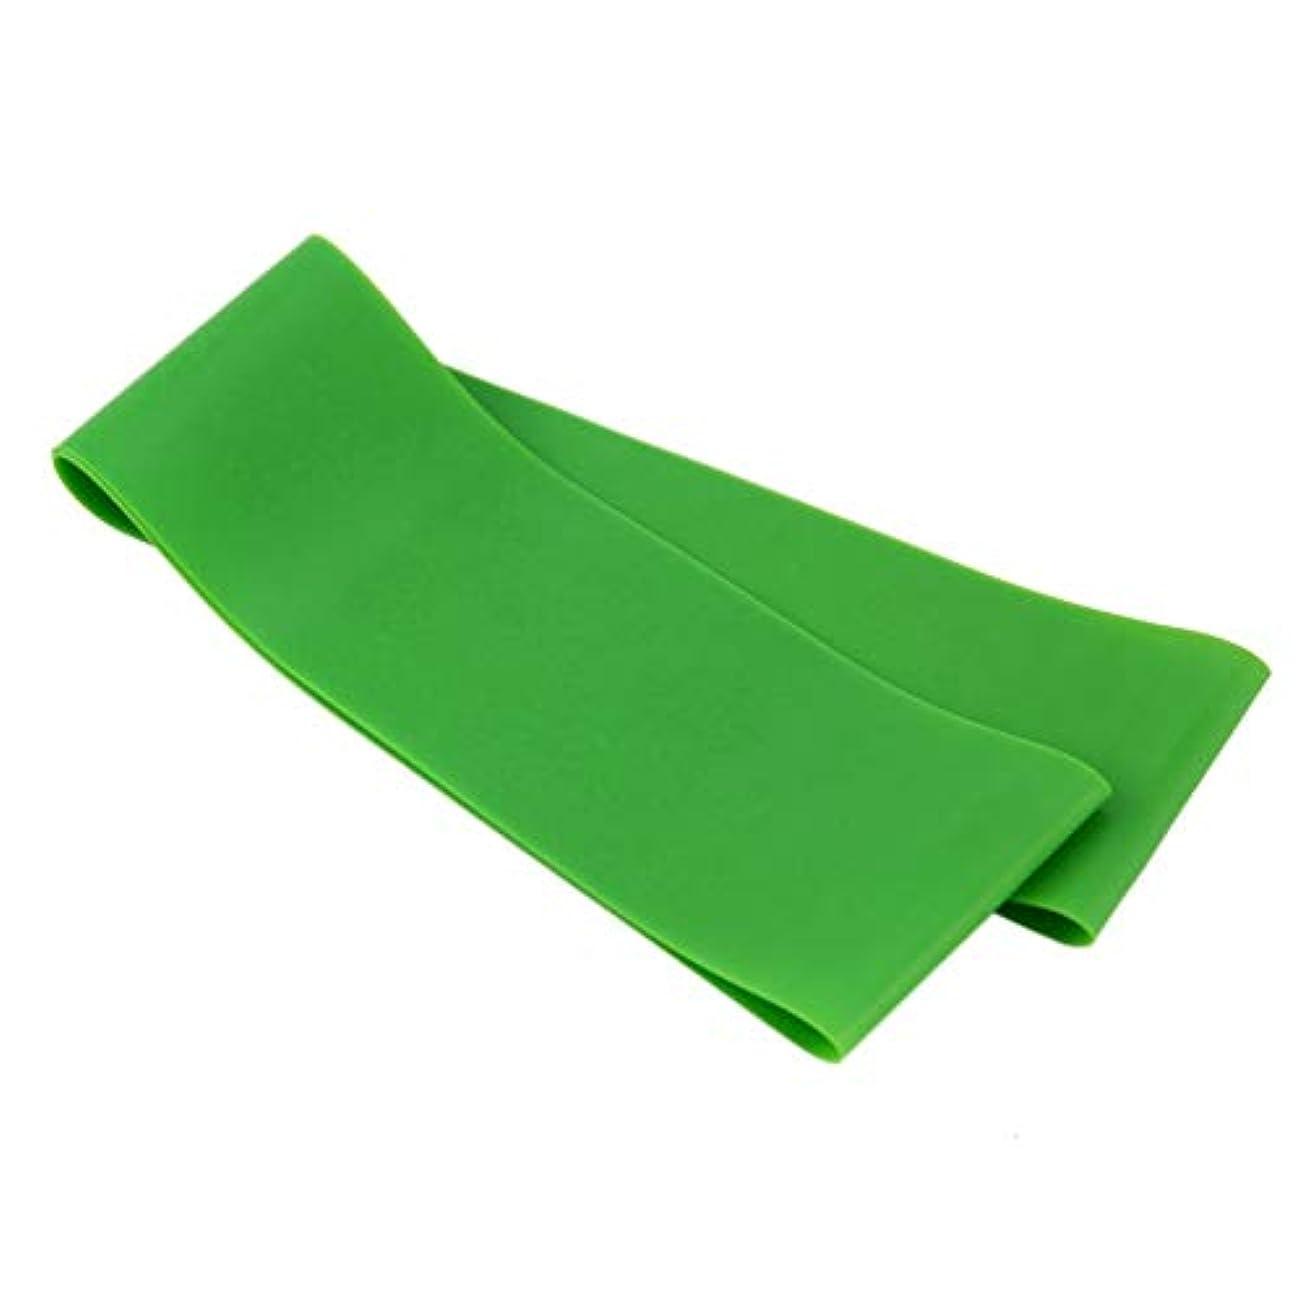 キャップ押し下げる忍耐滑り止め伸縮性ゴム弾性ヨガベルトバンドプルロープ張力抵抗バンドループ強度のためのフィットネスヨガツール - グリーン